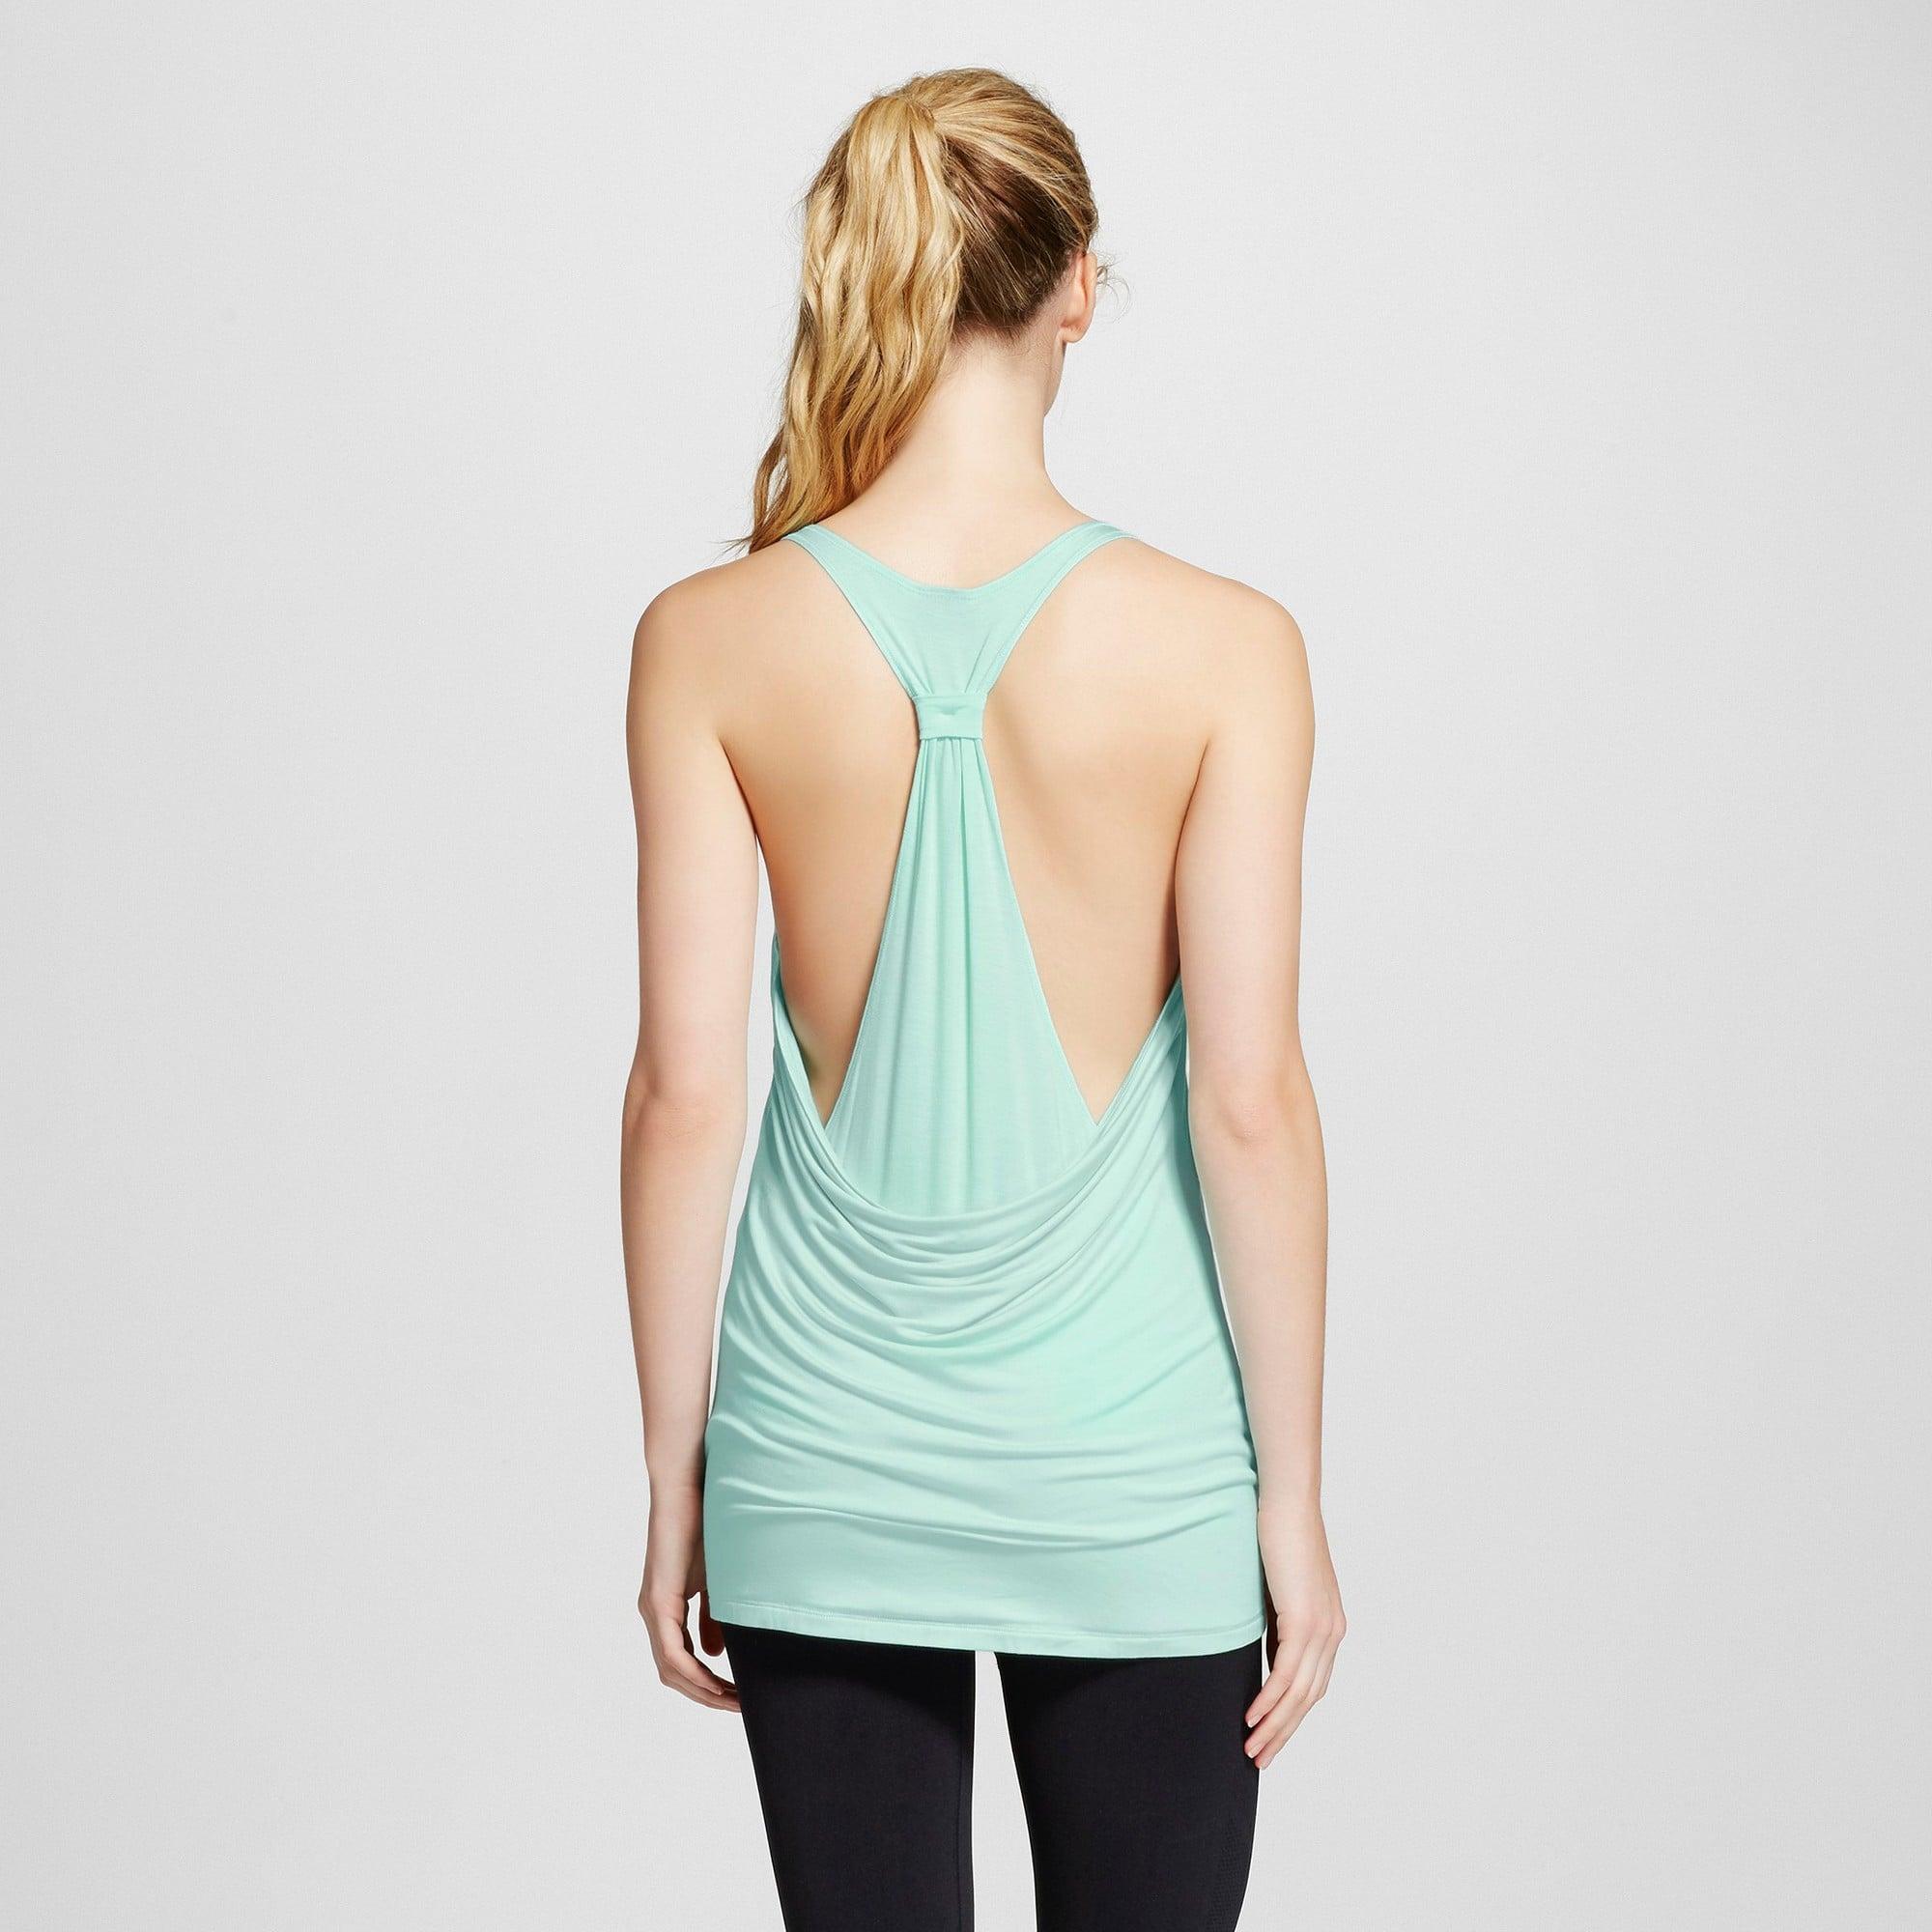 cef943063f2da Mint-Green Workout Clothes